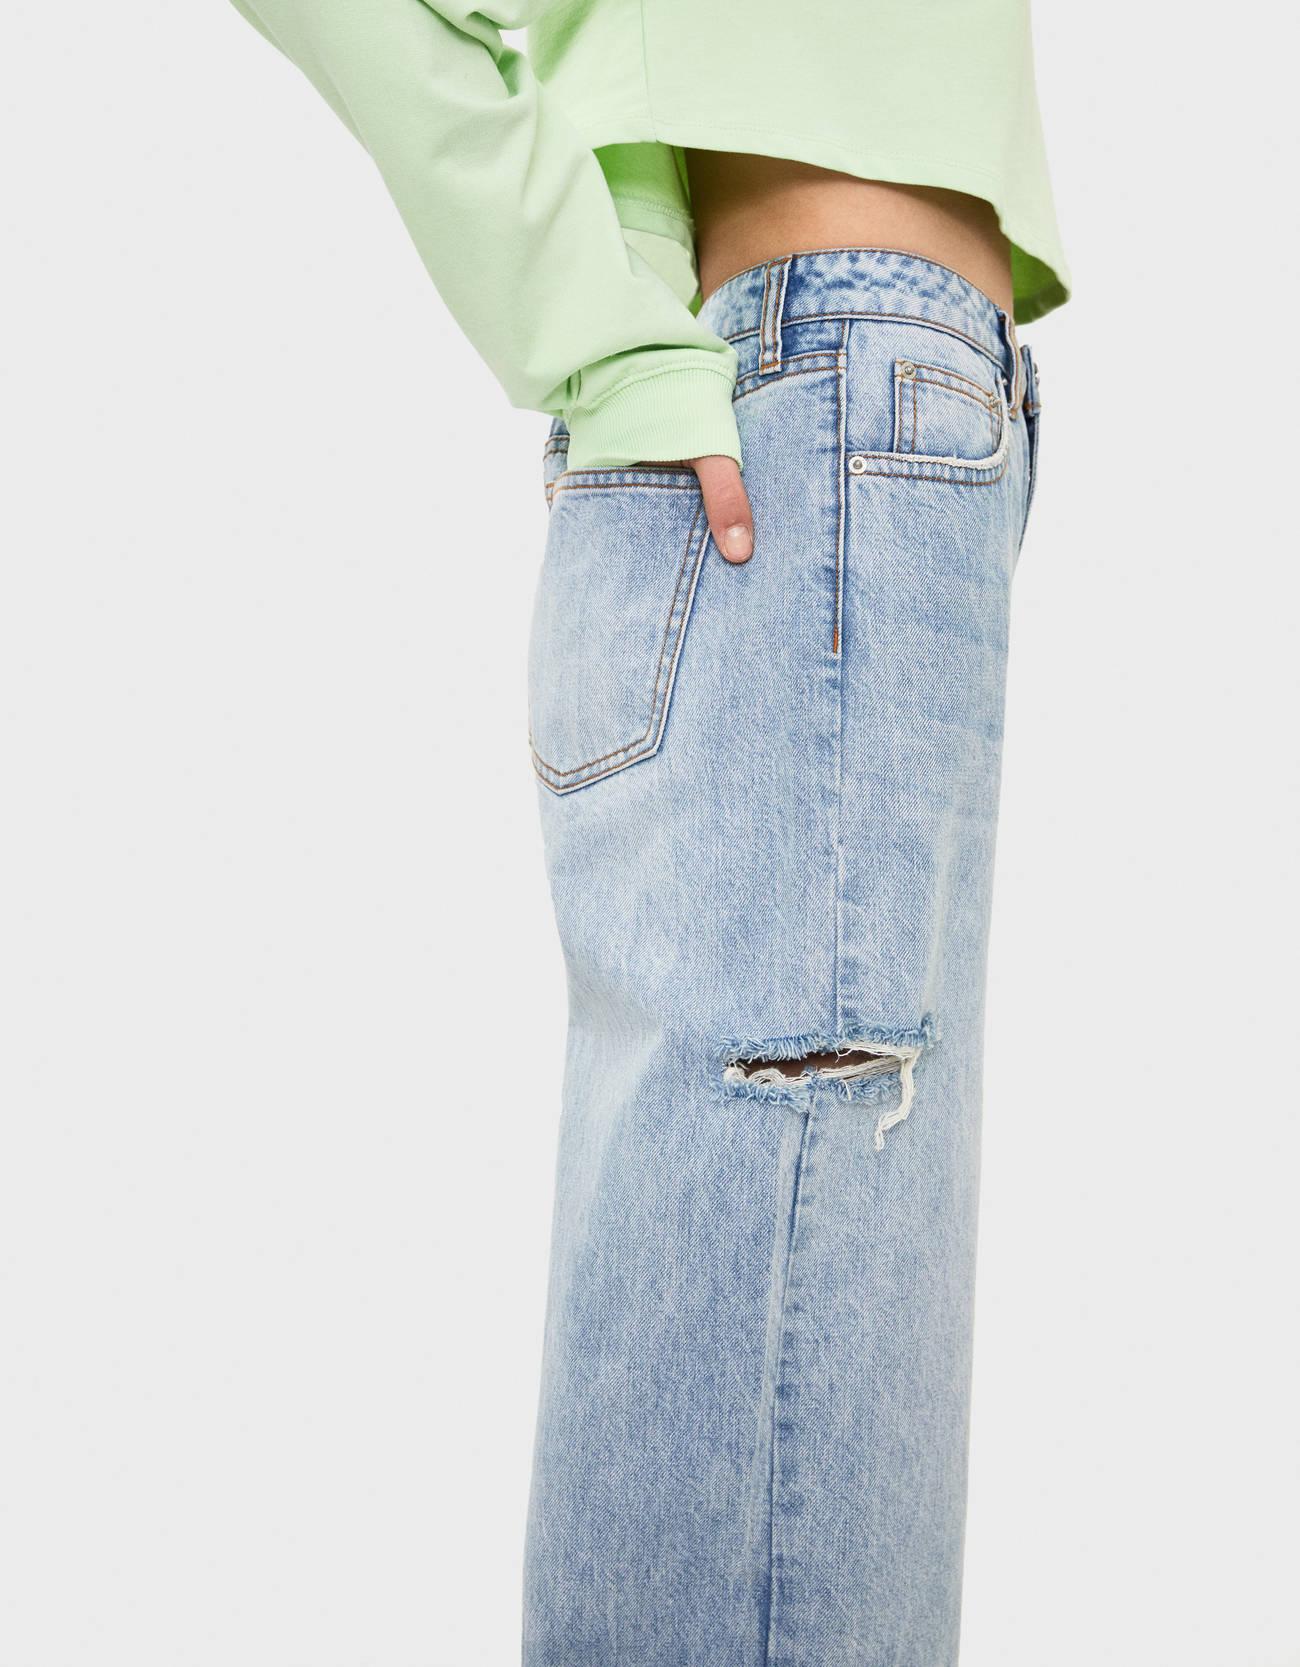 Широкие джинсы с разрезами Синий застиранный Bershka